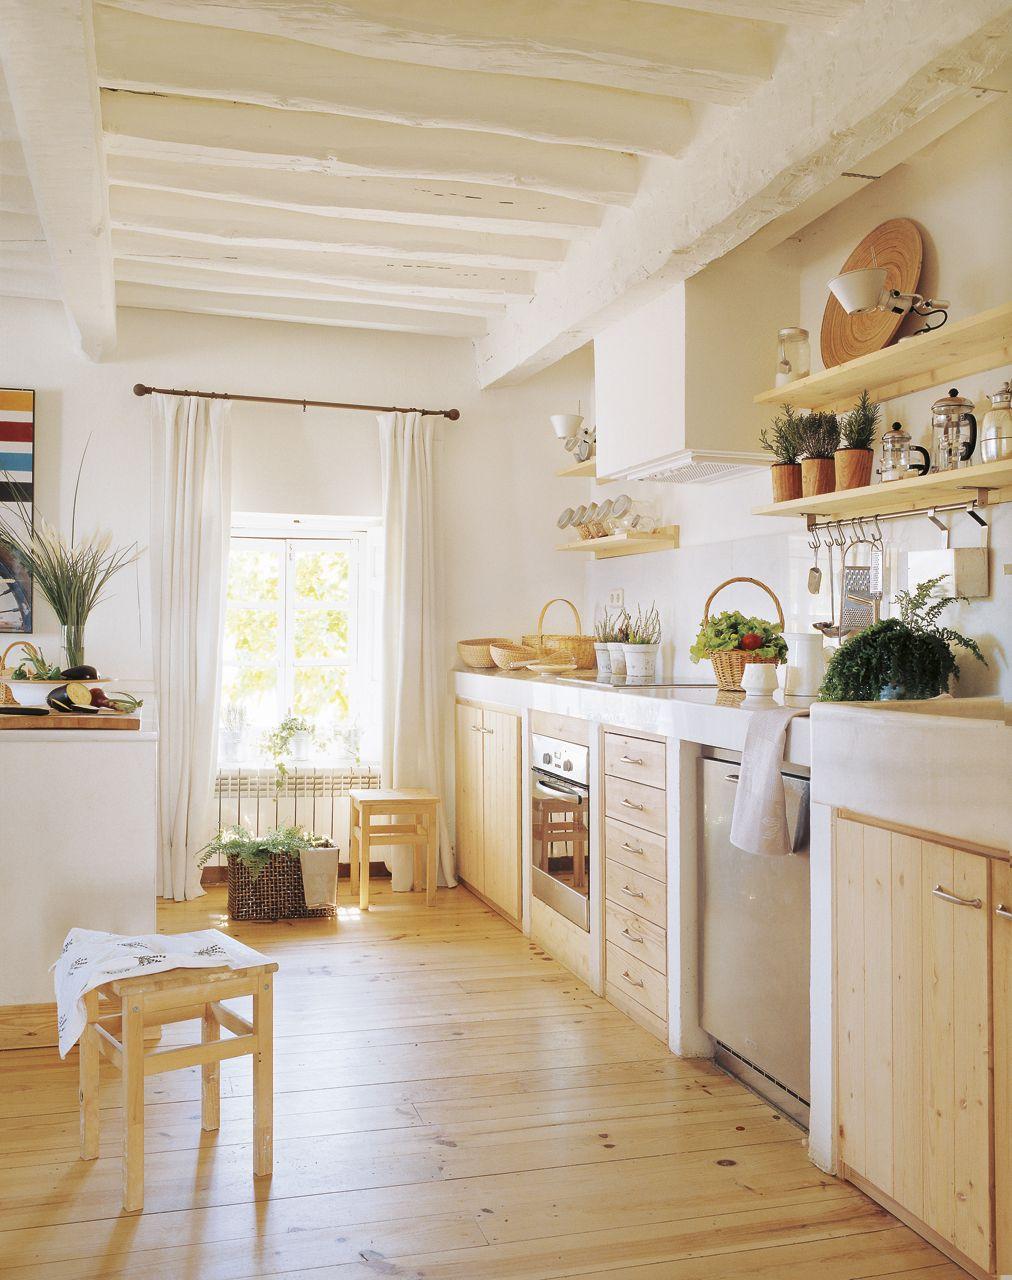 9 cocinas muy c lidas con muebles de madera cocina for Muebles de madera para cocina pequena